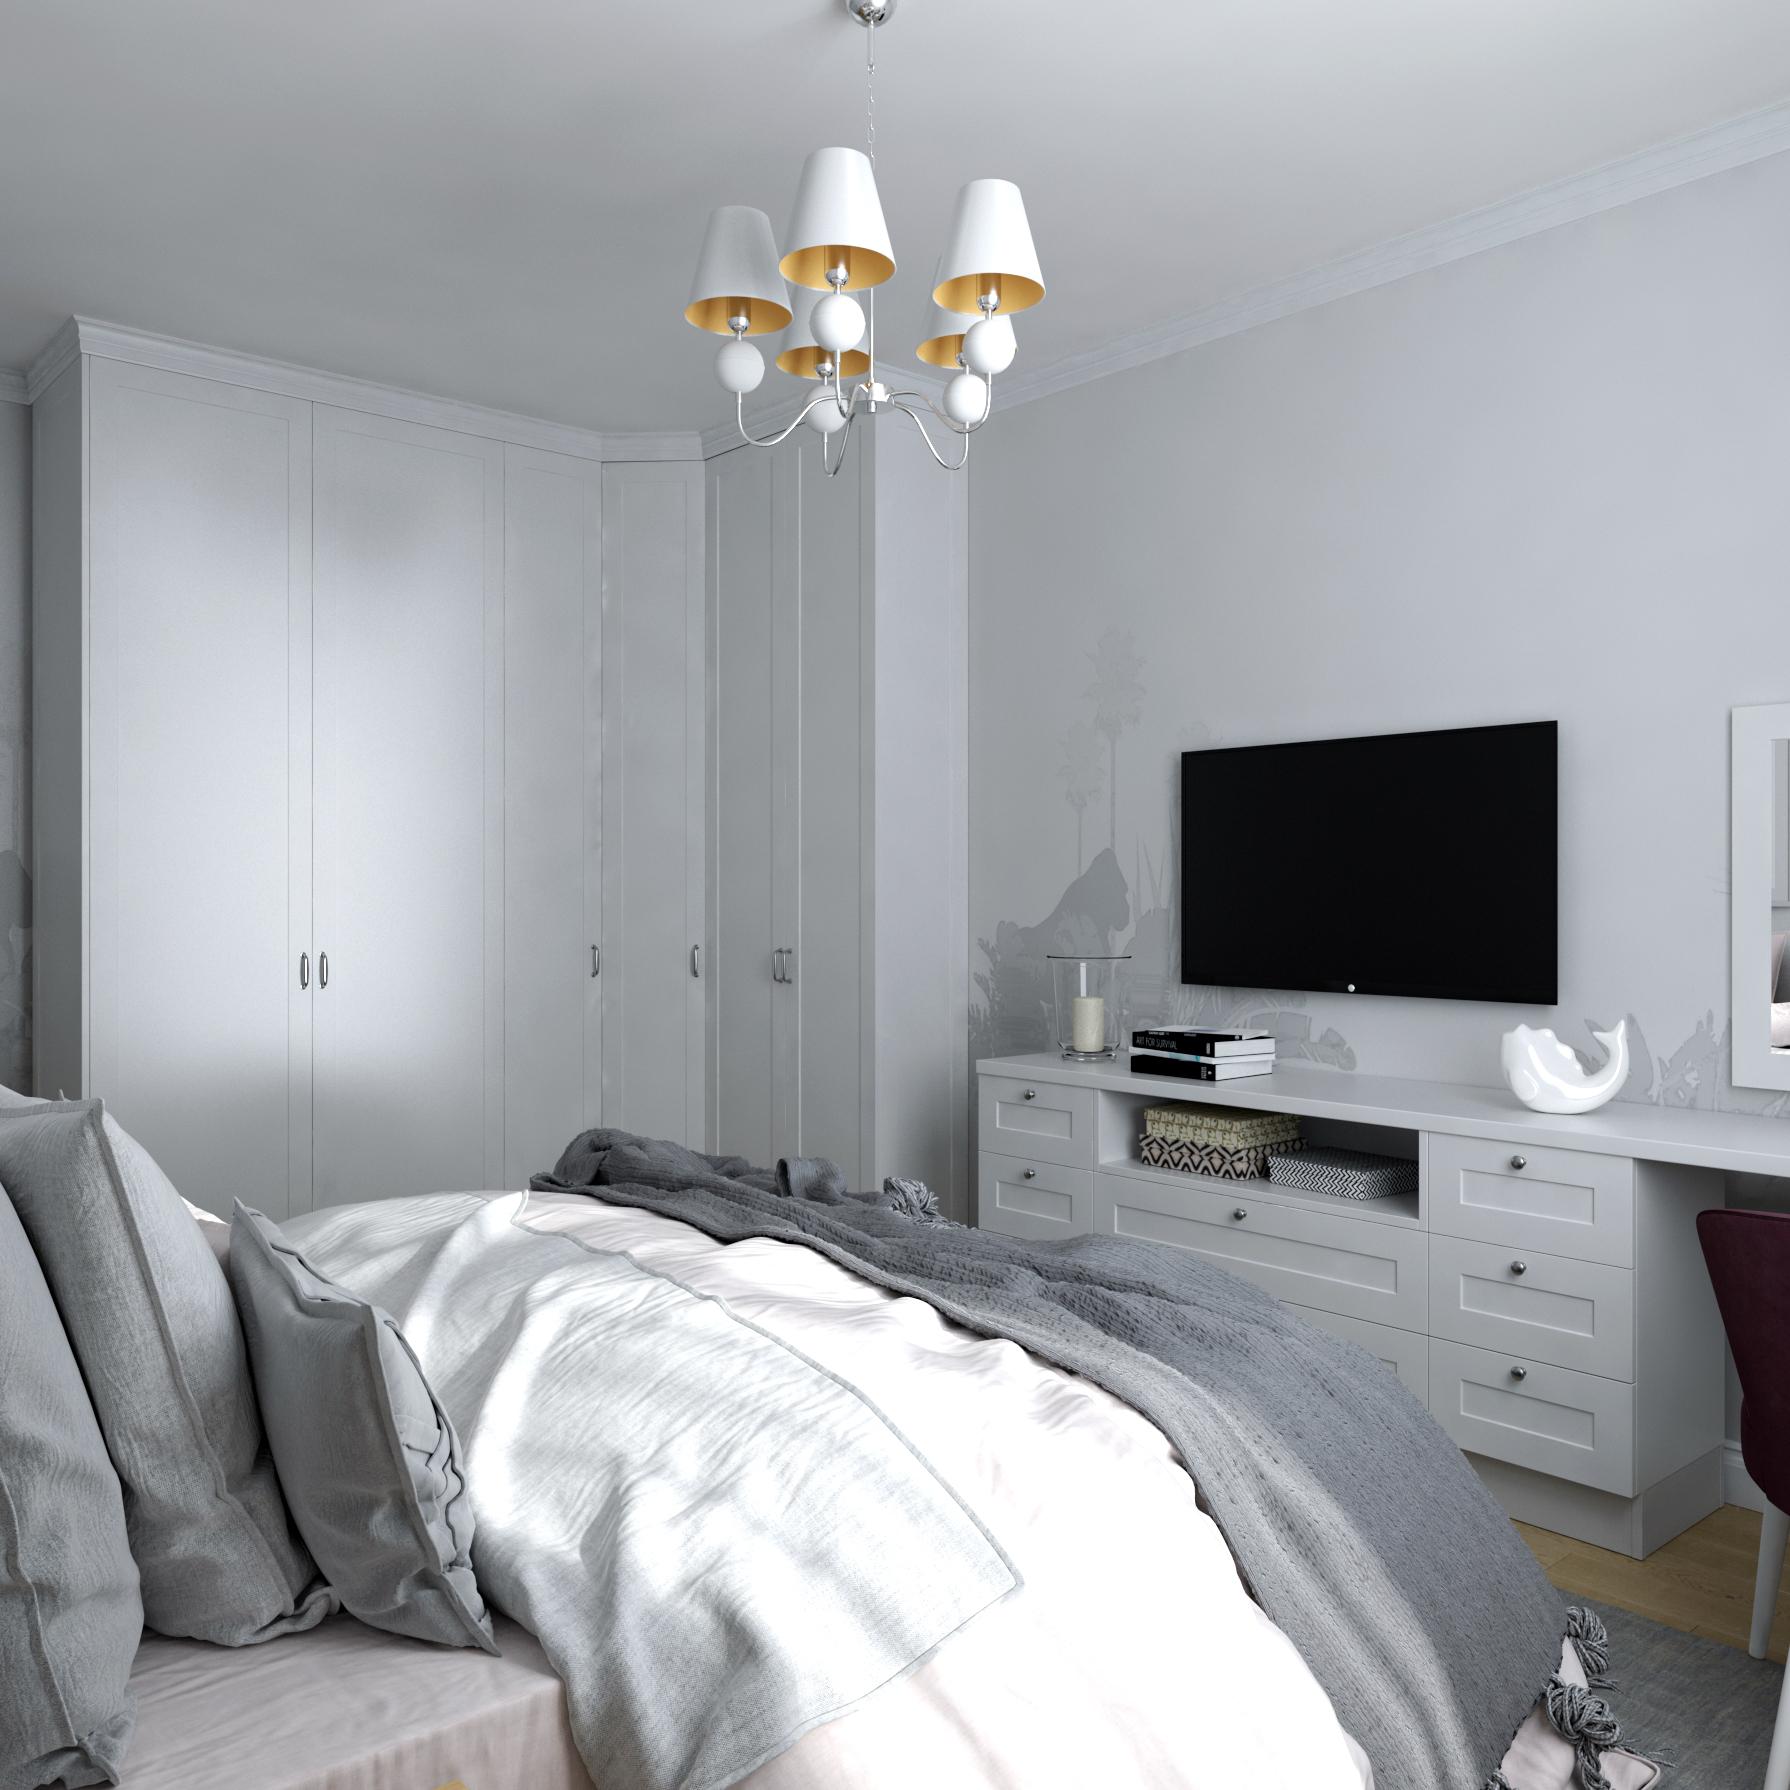 Картинка спальни в современном классическом интерьере